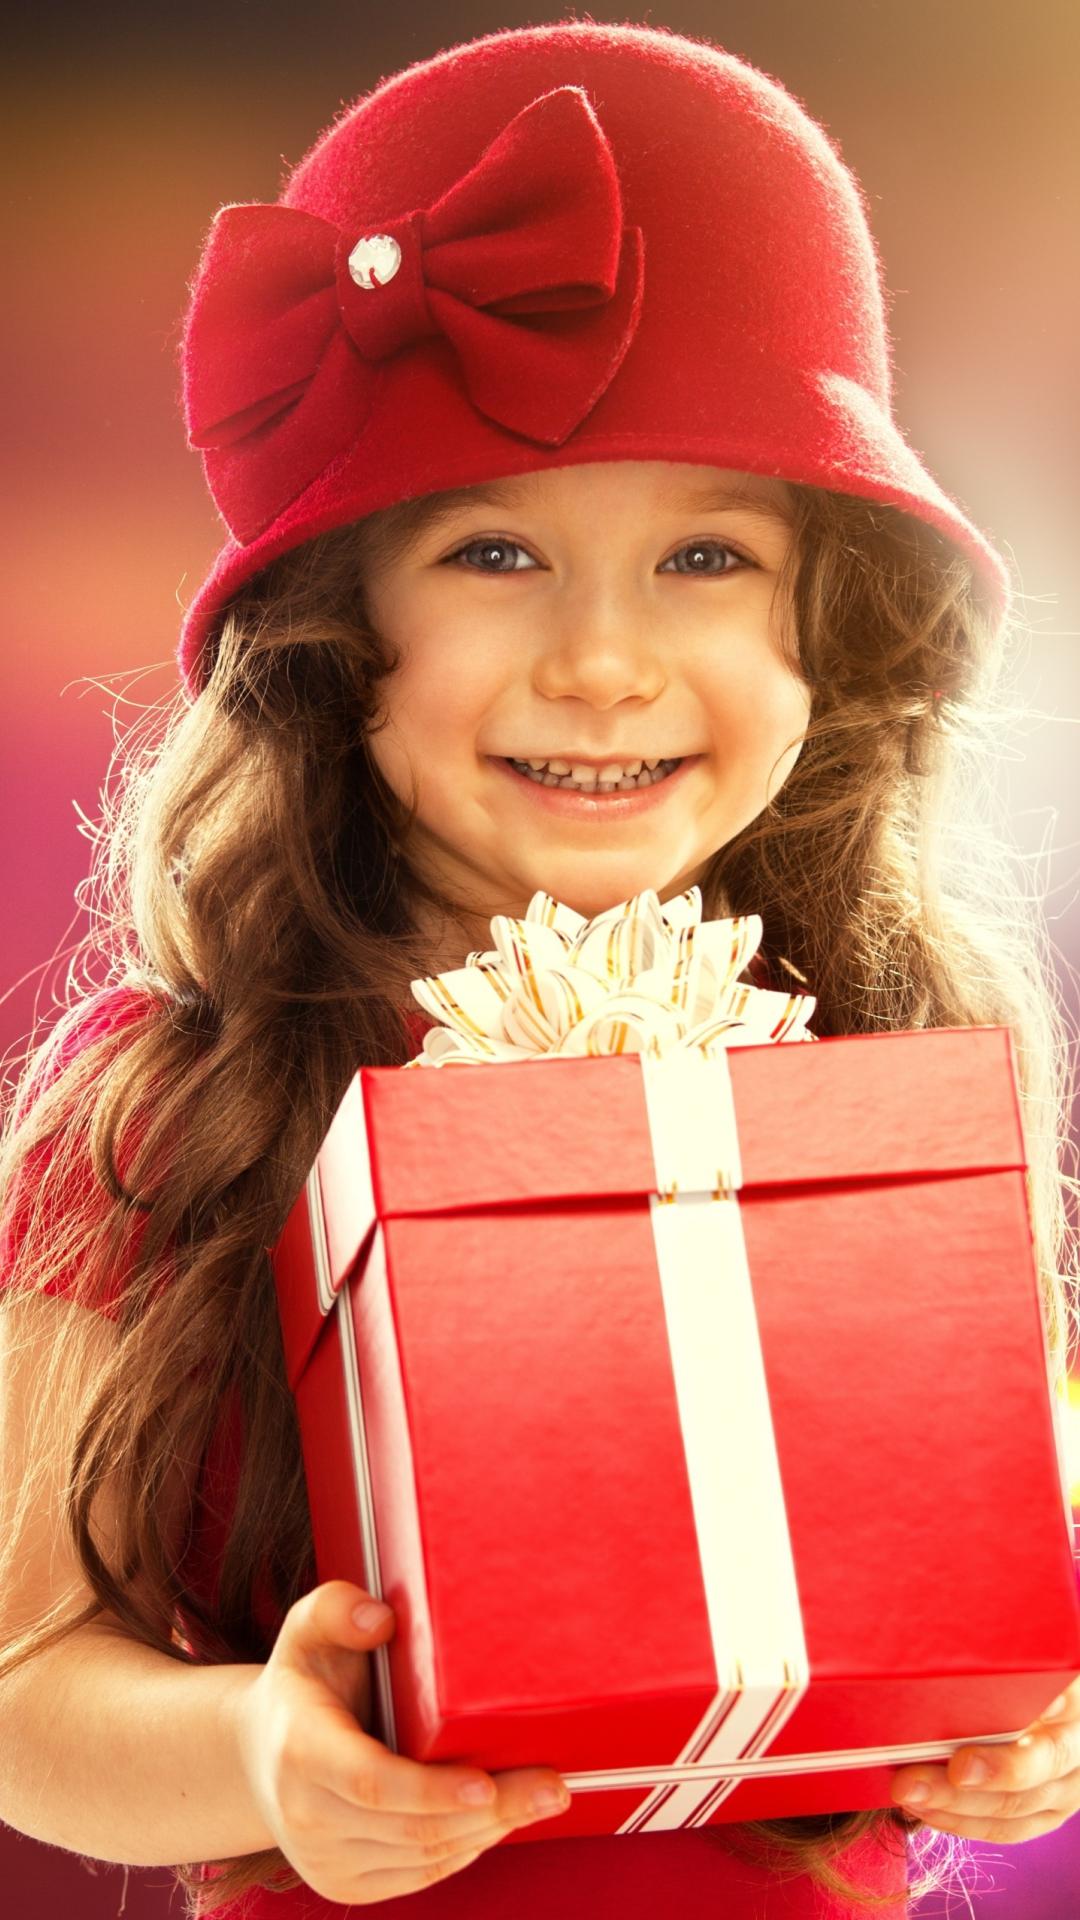 Подарок для девочки 10 лет в день рождения 18